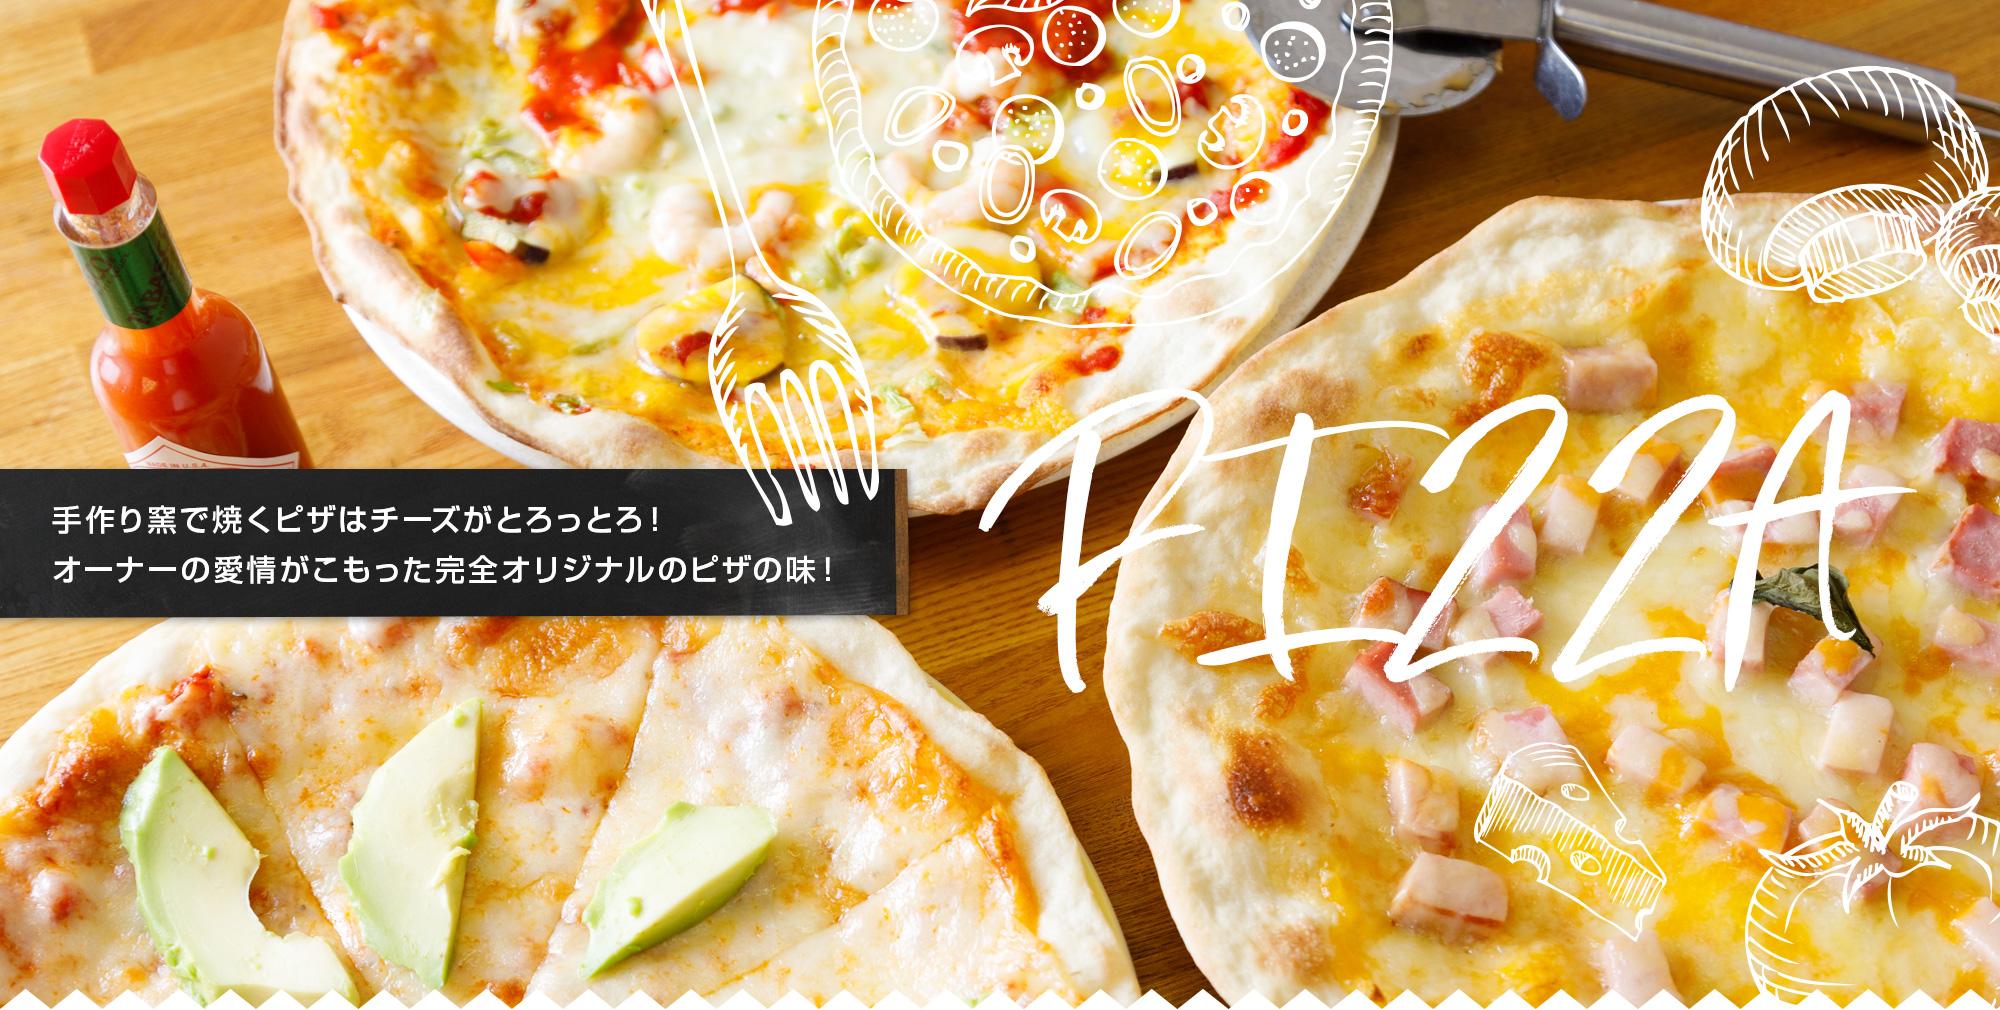 手作り窯で焼くピザはチーズがとろっとろ! オーナーの愛情がこもった完全オリジナルのピザの味!